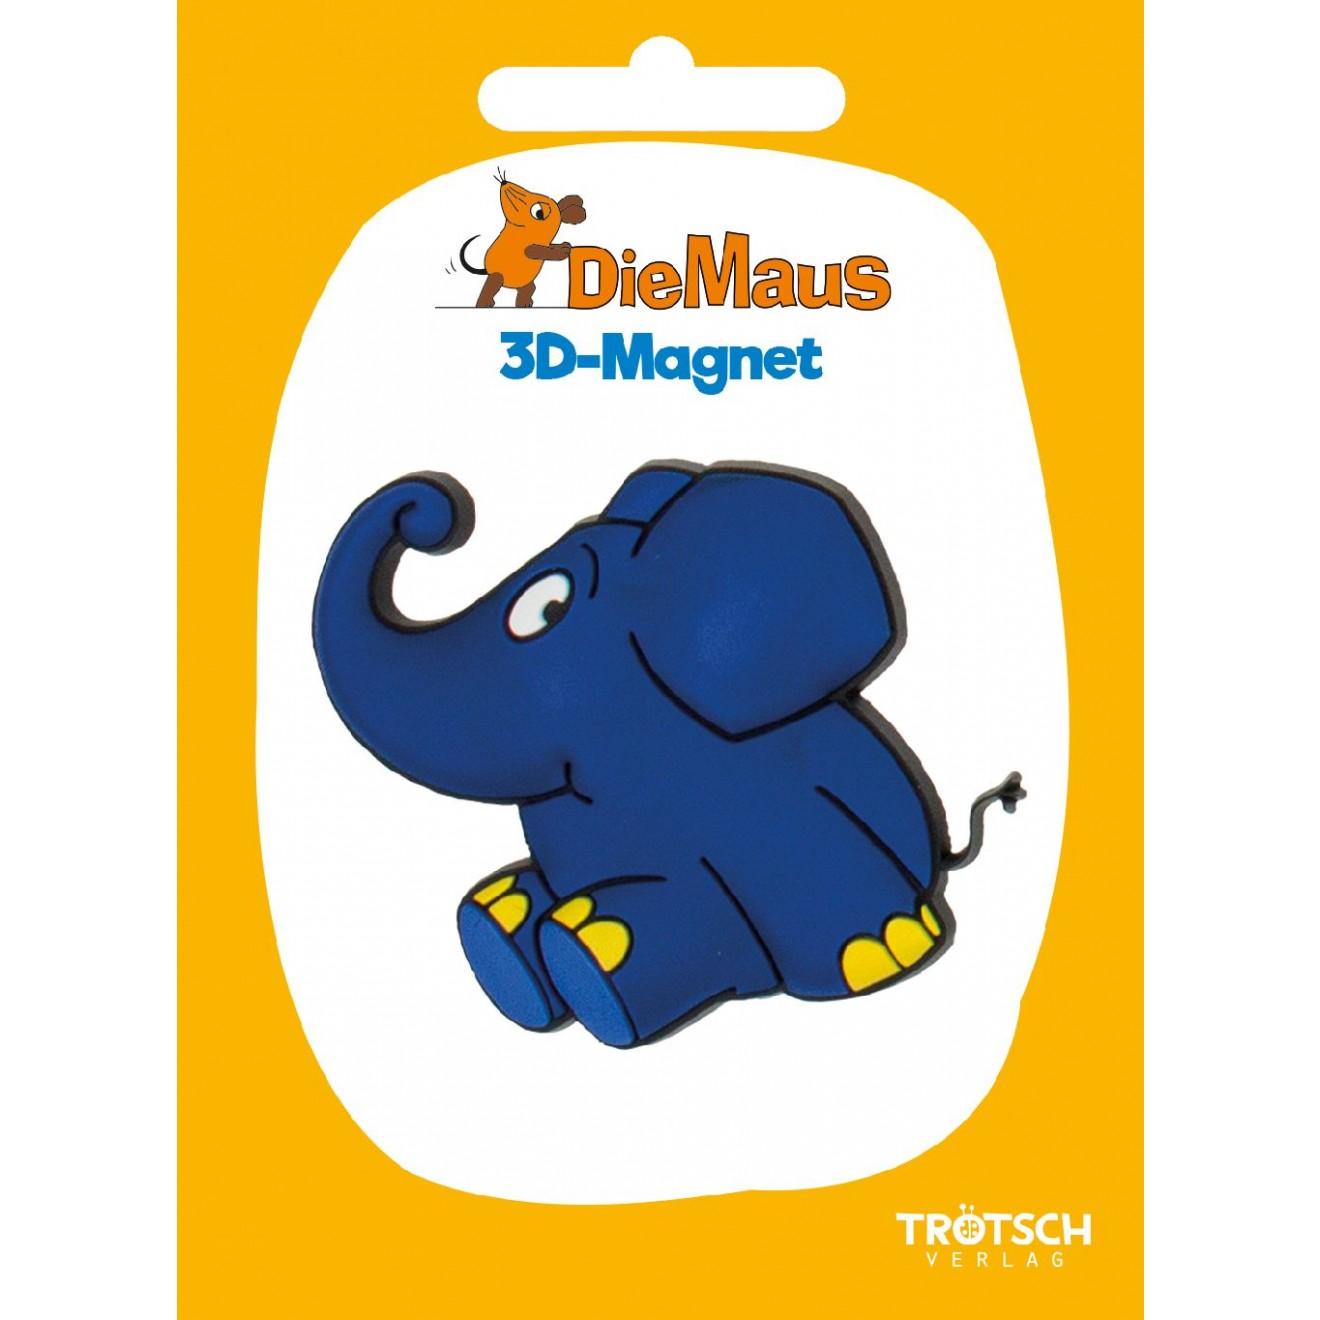 3d magnet die maus elefant winkt tr tsch verlag online shop. Black Bedroom Furniture Sets. Home Design Ideas